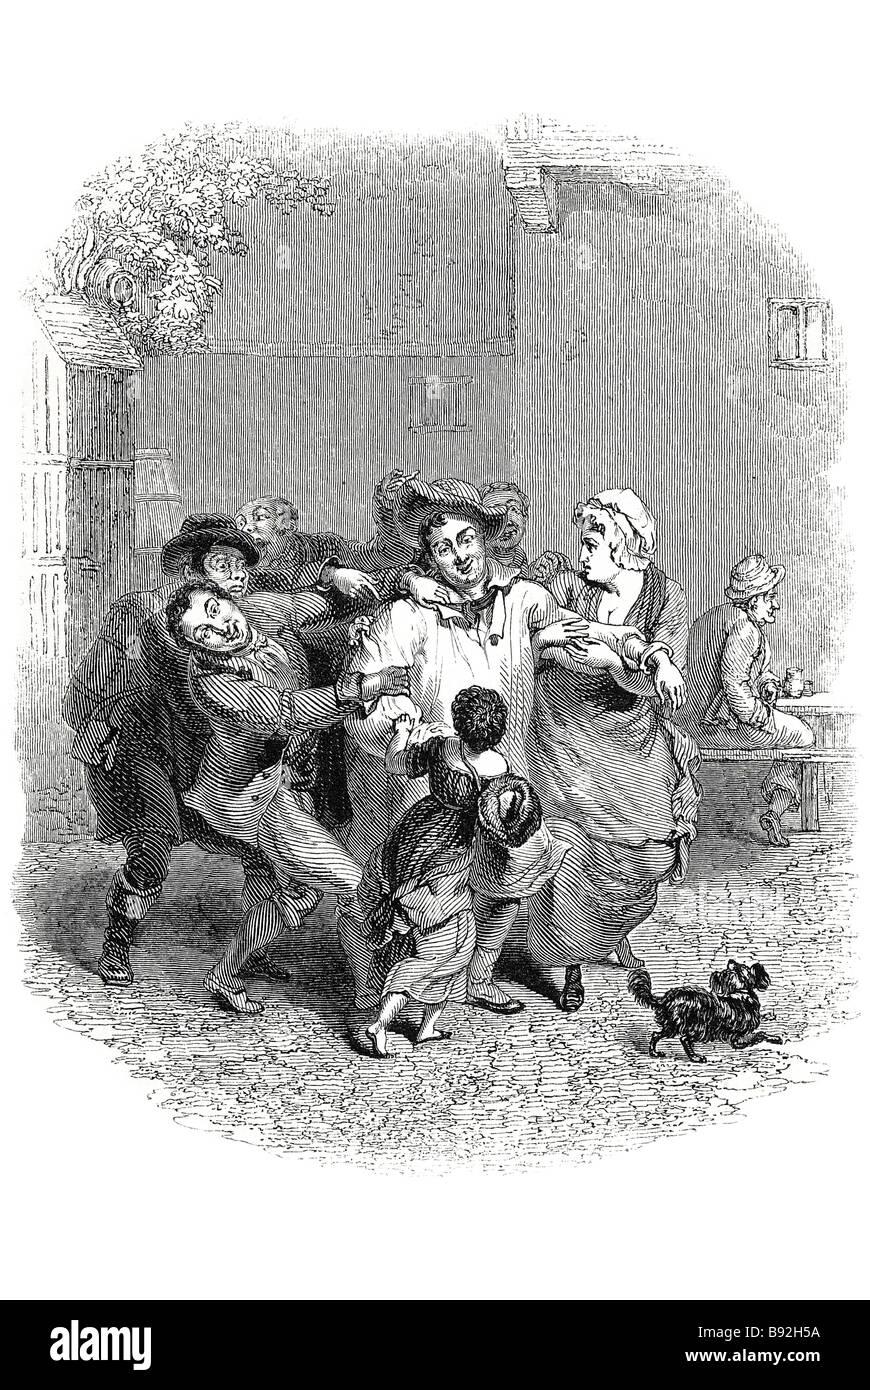 Zeitraum Kleid Männer Mann Frau Kind gepflasterten Straße kämpfen ...